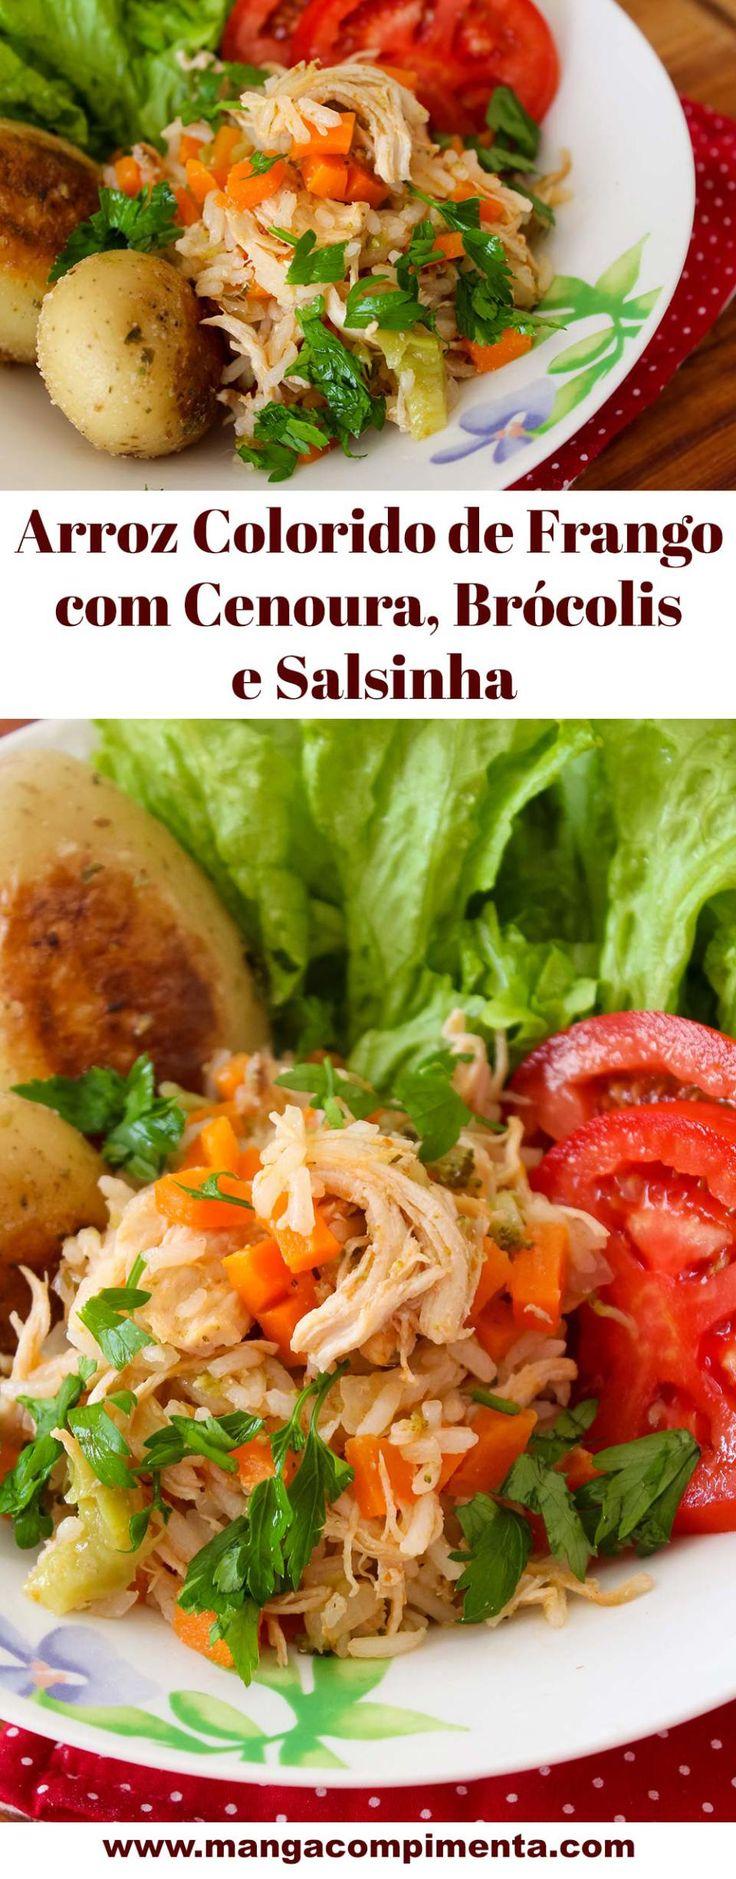 Arroz Colorido de Frango com Cenoura, Brócolis e Salsinha. #receita #comida #comidadeverdade #arroz